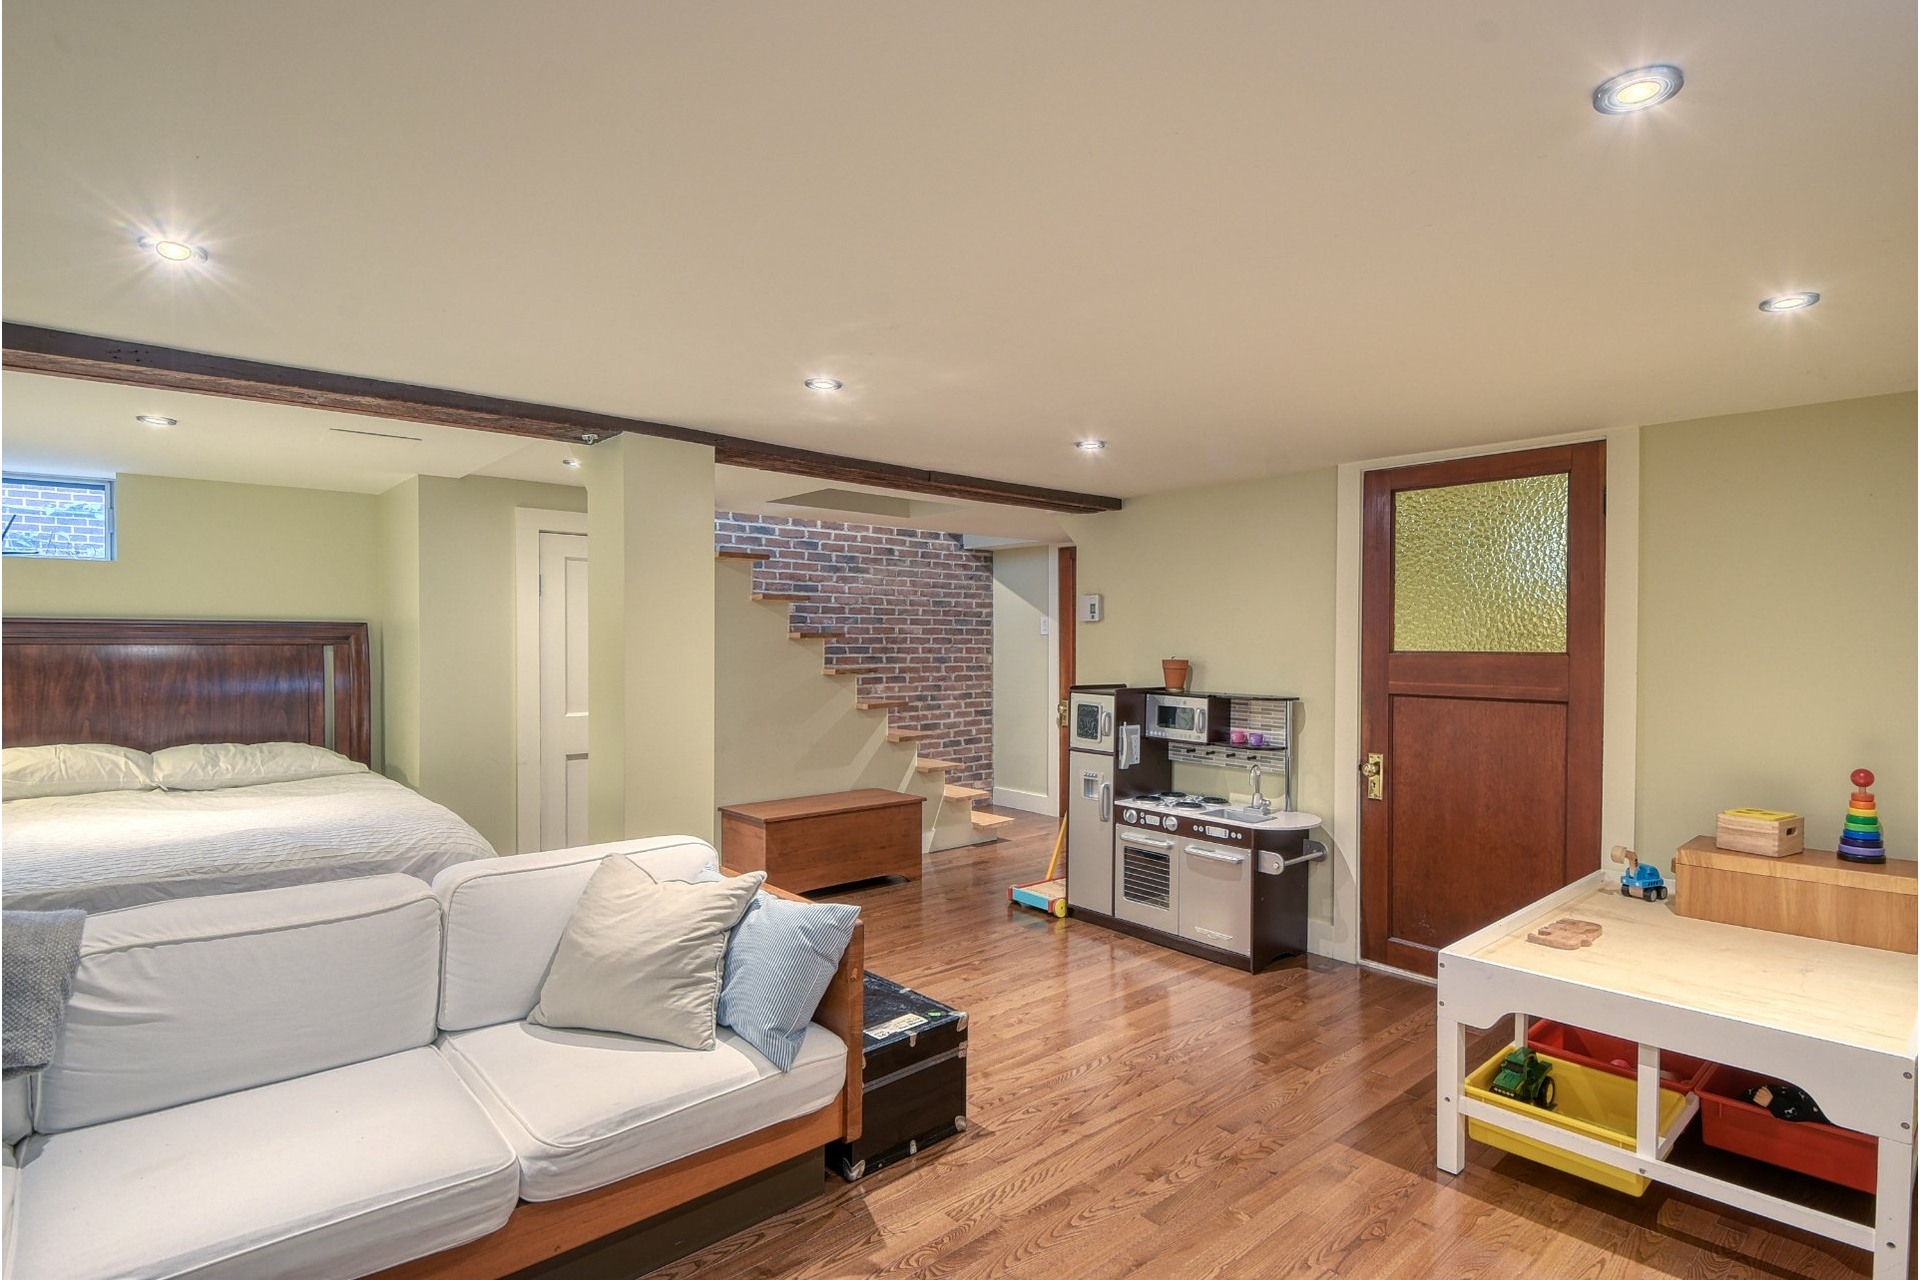 image 21 - House For sale Lachine Montréal  - 11 rooms